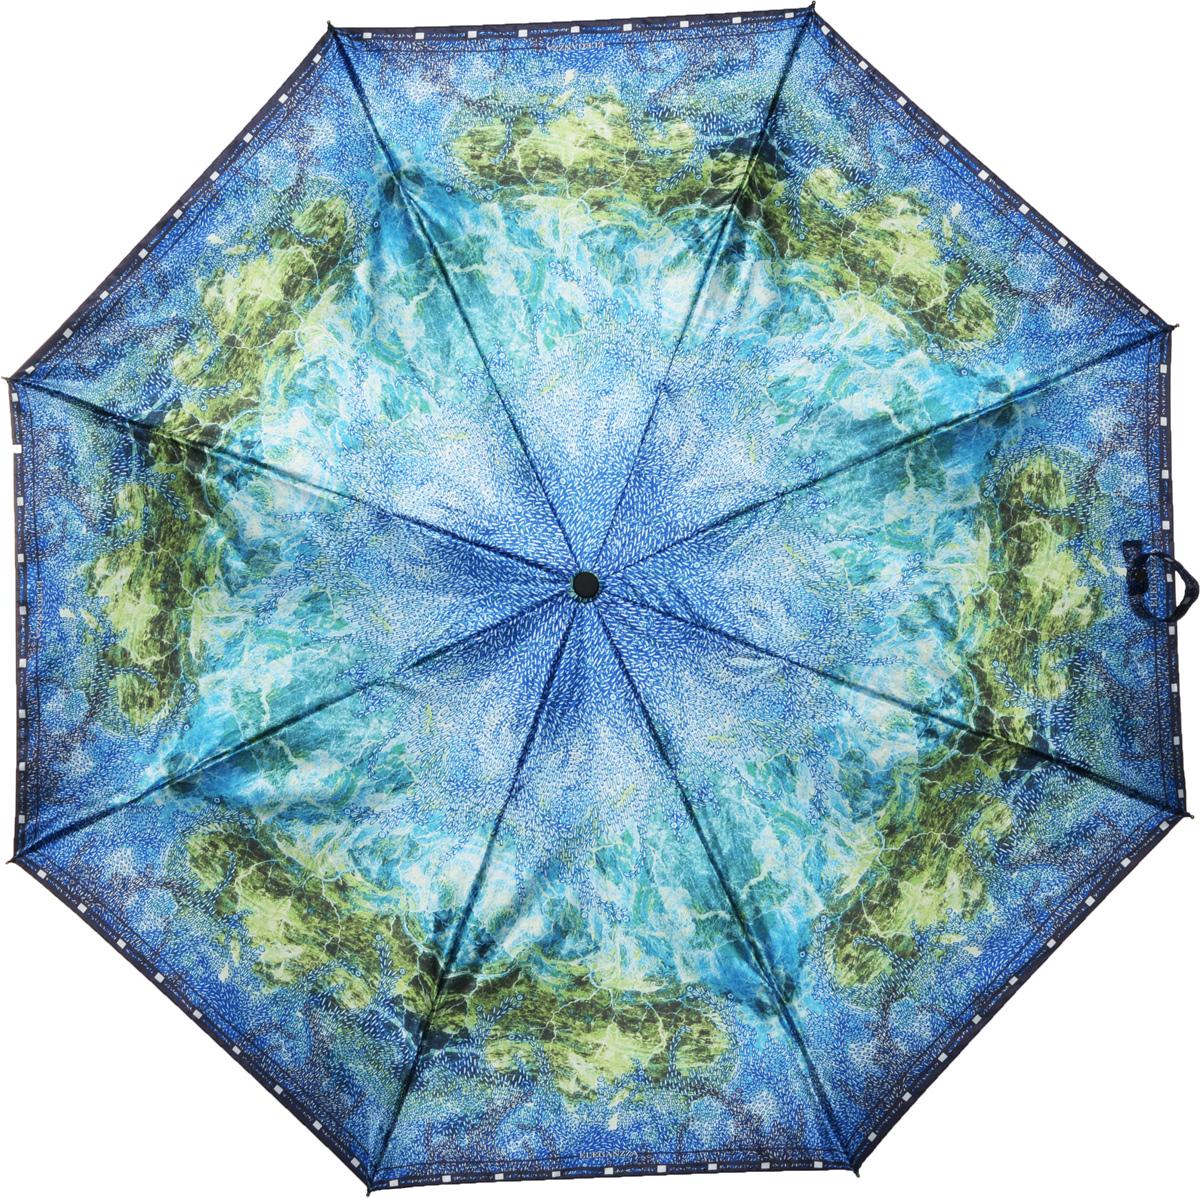 Зонт женский Eleganzza, автомат, 3 сложения, цвет: голубой. A3-05-0251LA3-05-0251LЖенский зонт-автомат ELEGANZZA. Материал купола 100% полиэстер, сатин. Материал каркаса: сталь + фибергласс. Материал ручки: пластик. Длина изделия - 30 см, диаметр купола - 105 см.